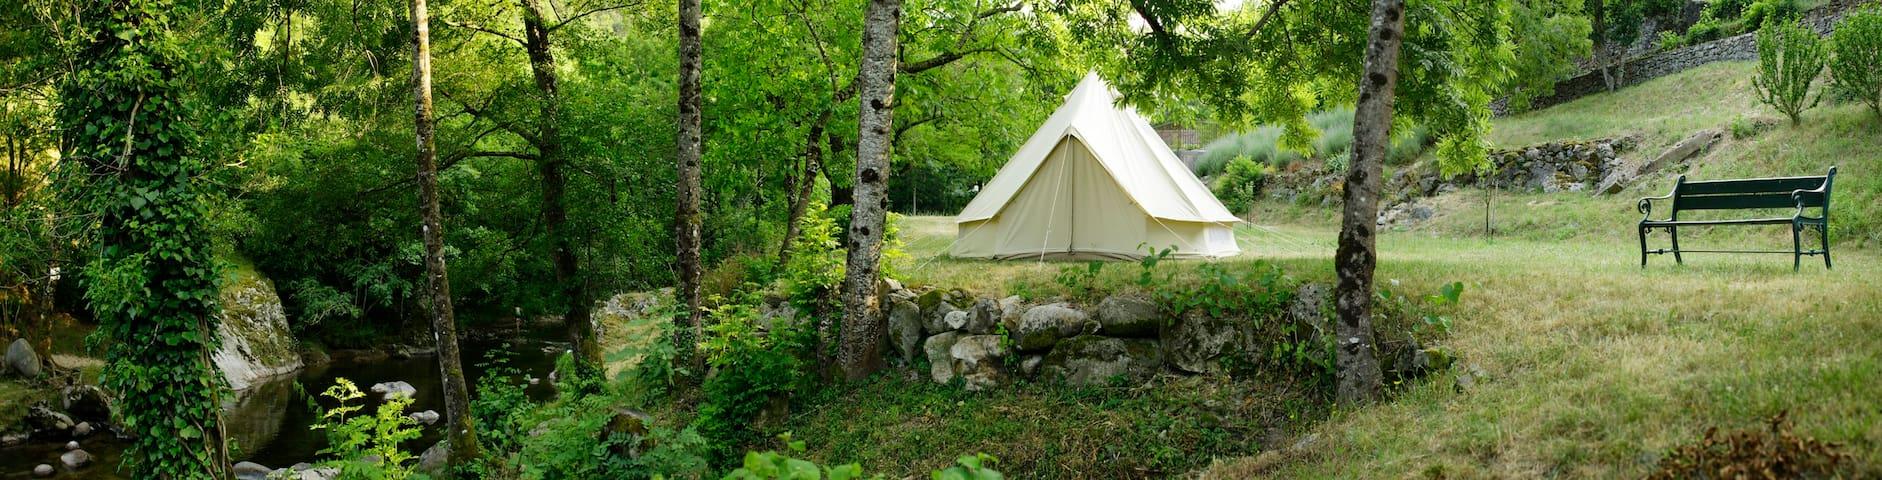 Le Moulinage Chez Soie 'Mini-camping' - Saint-Étienne-de-Serre - Tent